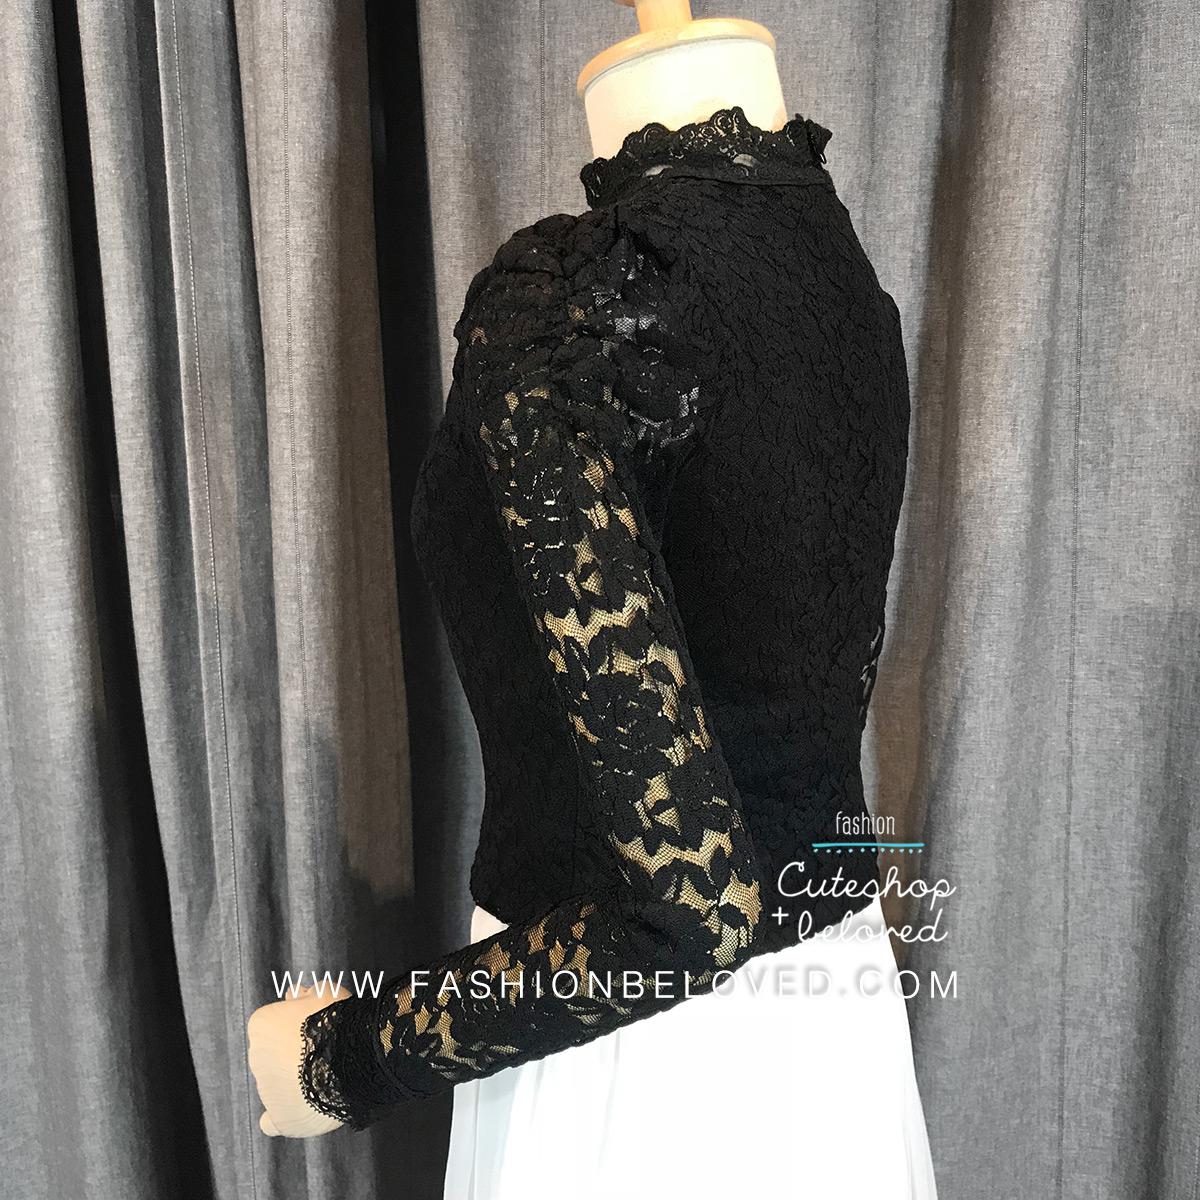 เสื้อลูกไม้สวยๆ แฟชั่น สีดำ แขนยาว เสื้อลายลูกไม้ใส่ออกงานกับผ้าถุง ผ้าซิ่นได้